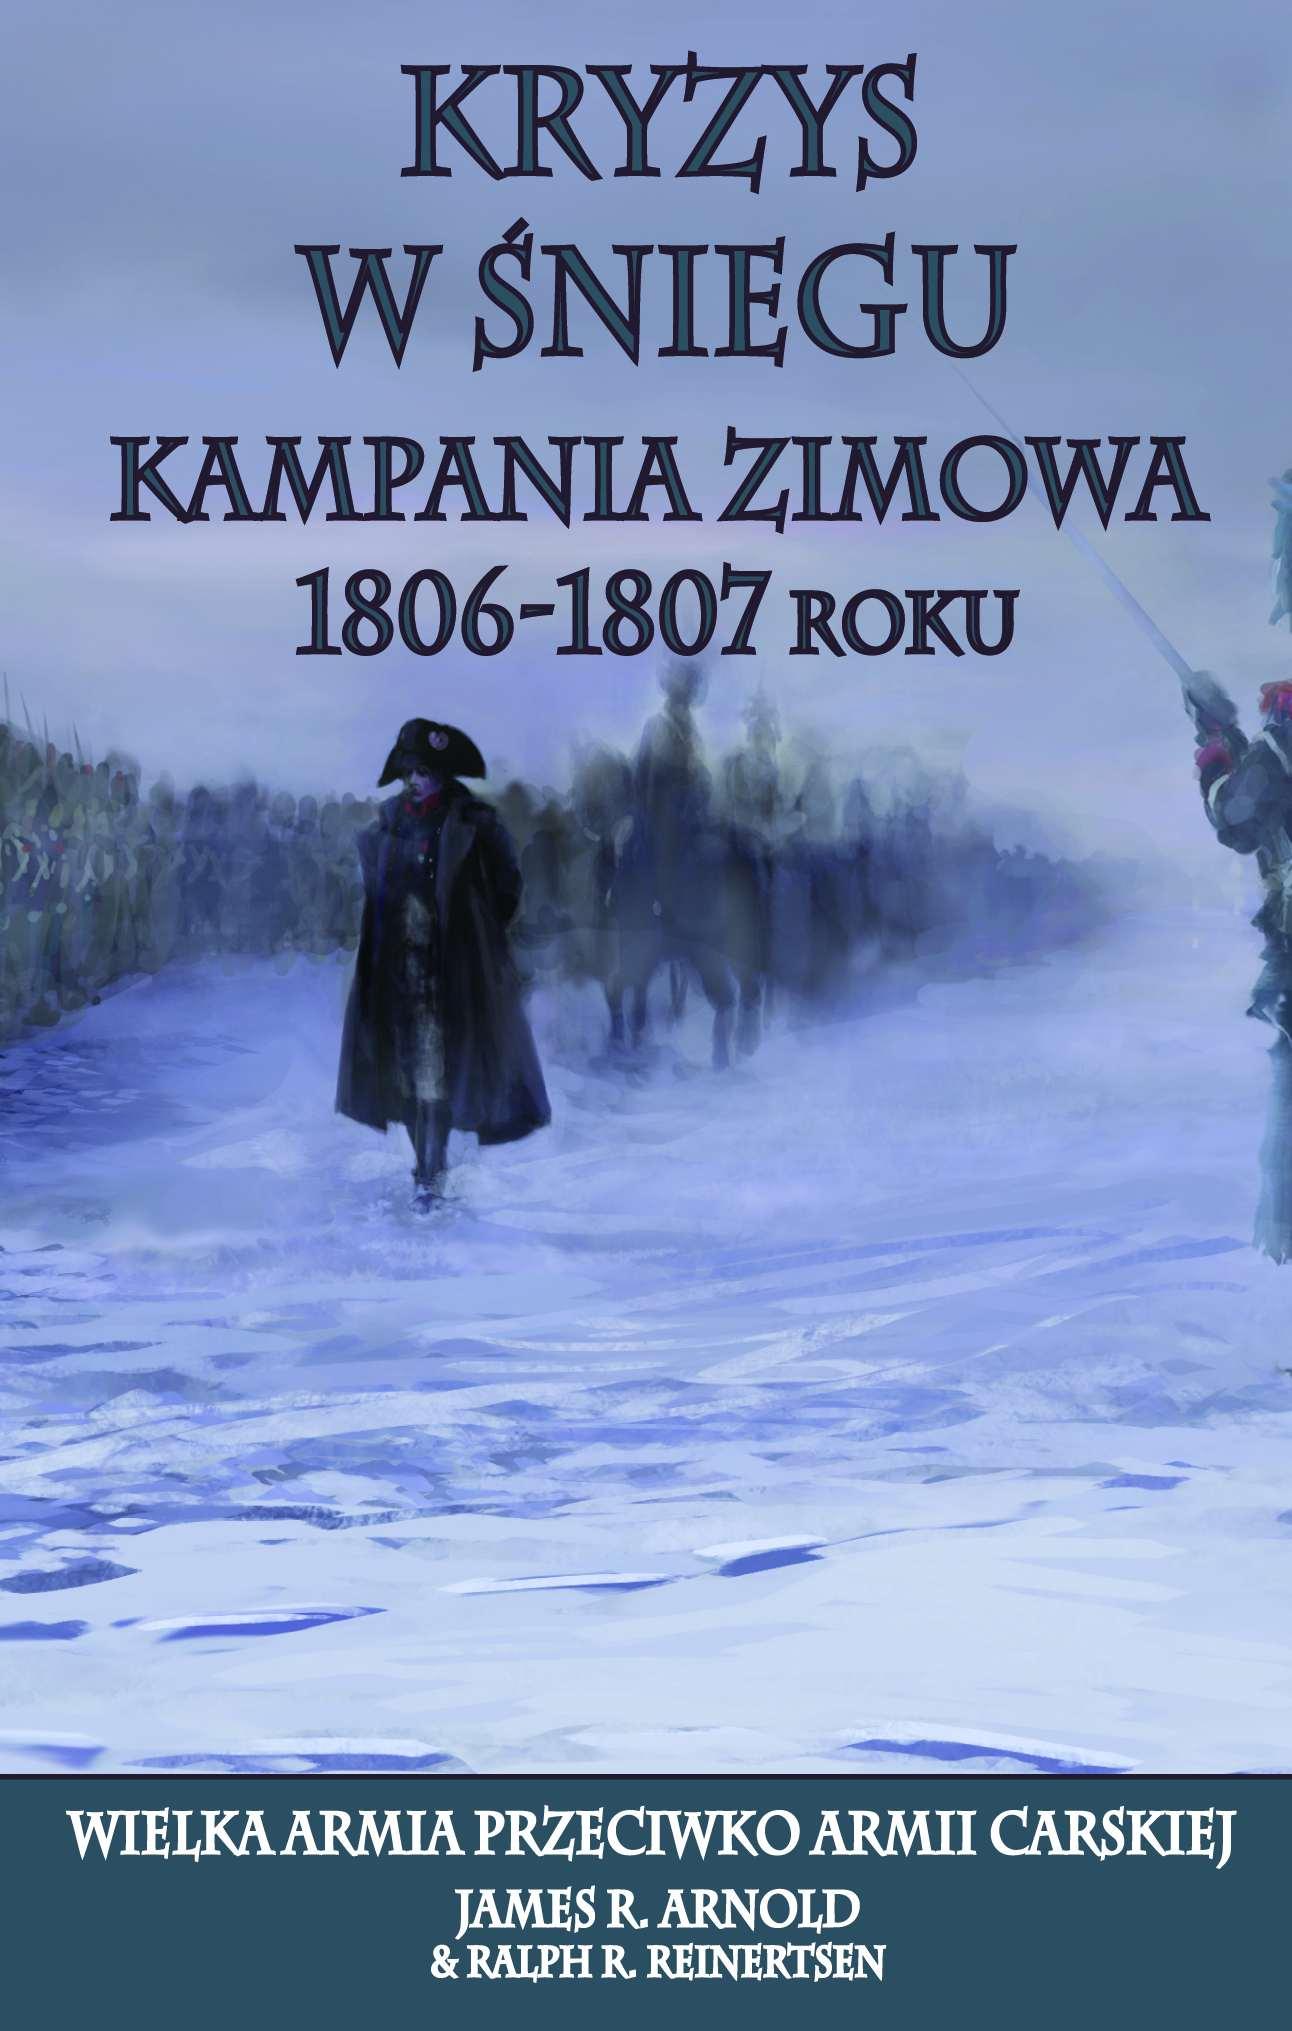 Kryzys w śniegu. Kampania zimowa 1806-1807 - Ebook (Książka na Kindle) do pobrania w formacie MOBI